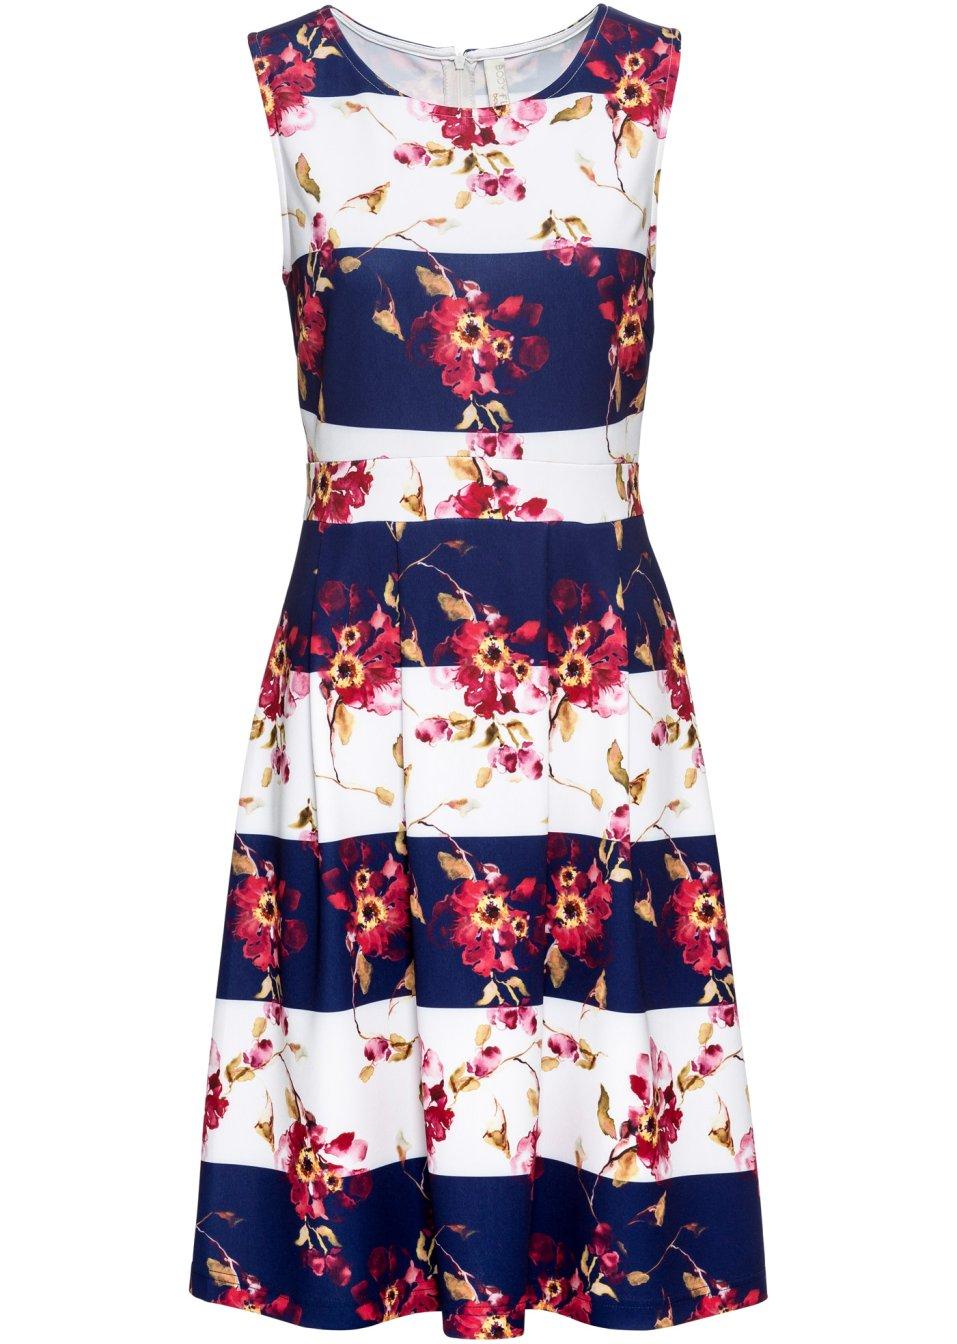 Ärmellos geschnittenes Kleid mit schwungvollem Rock - blau/weiß gestreift 7jeqk j744U